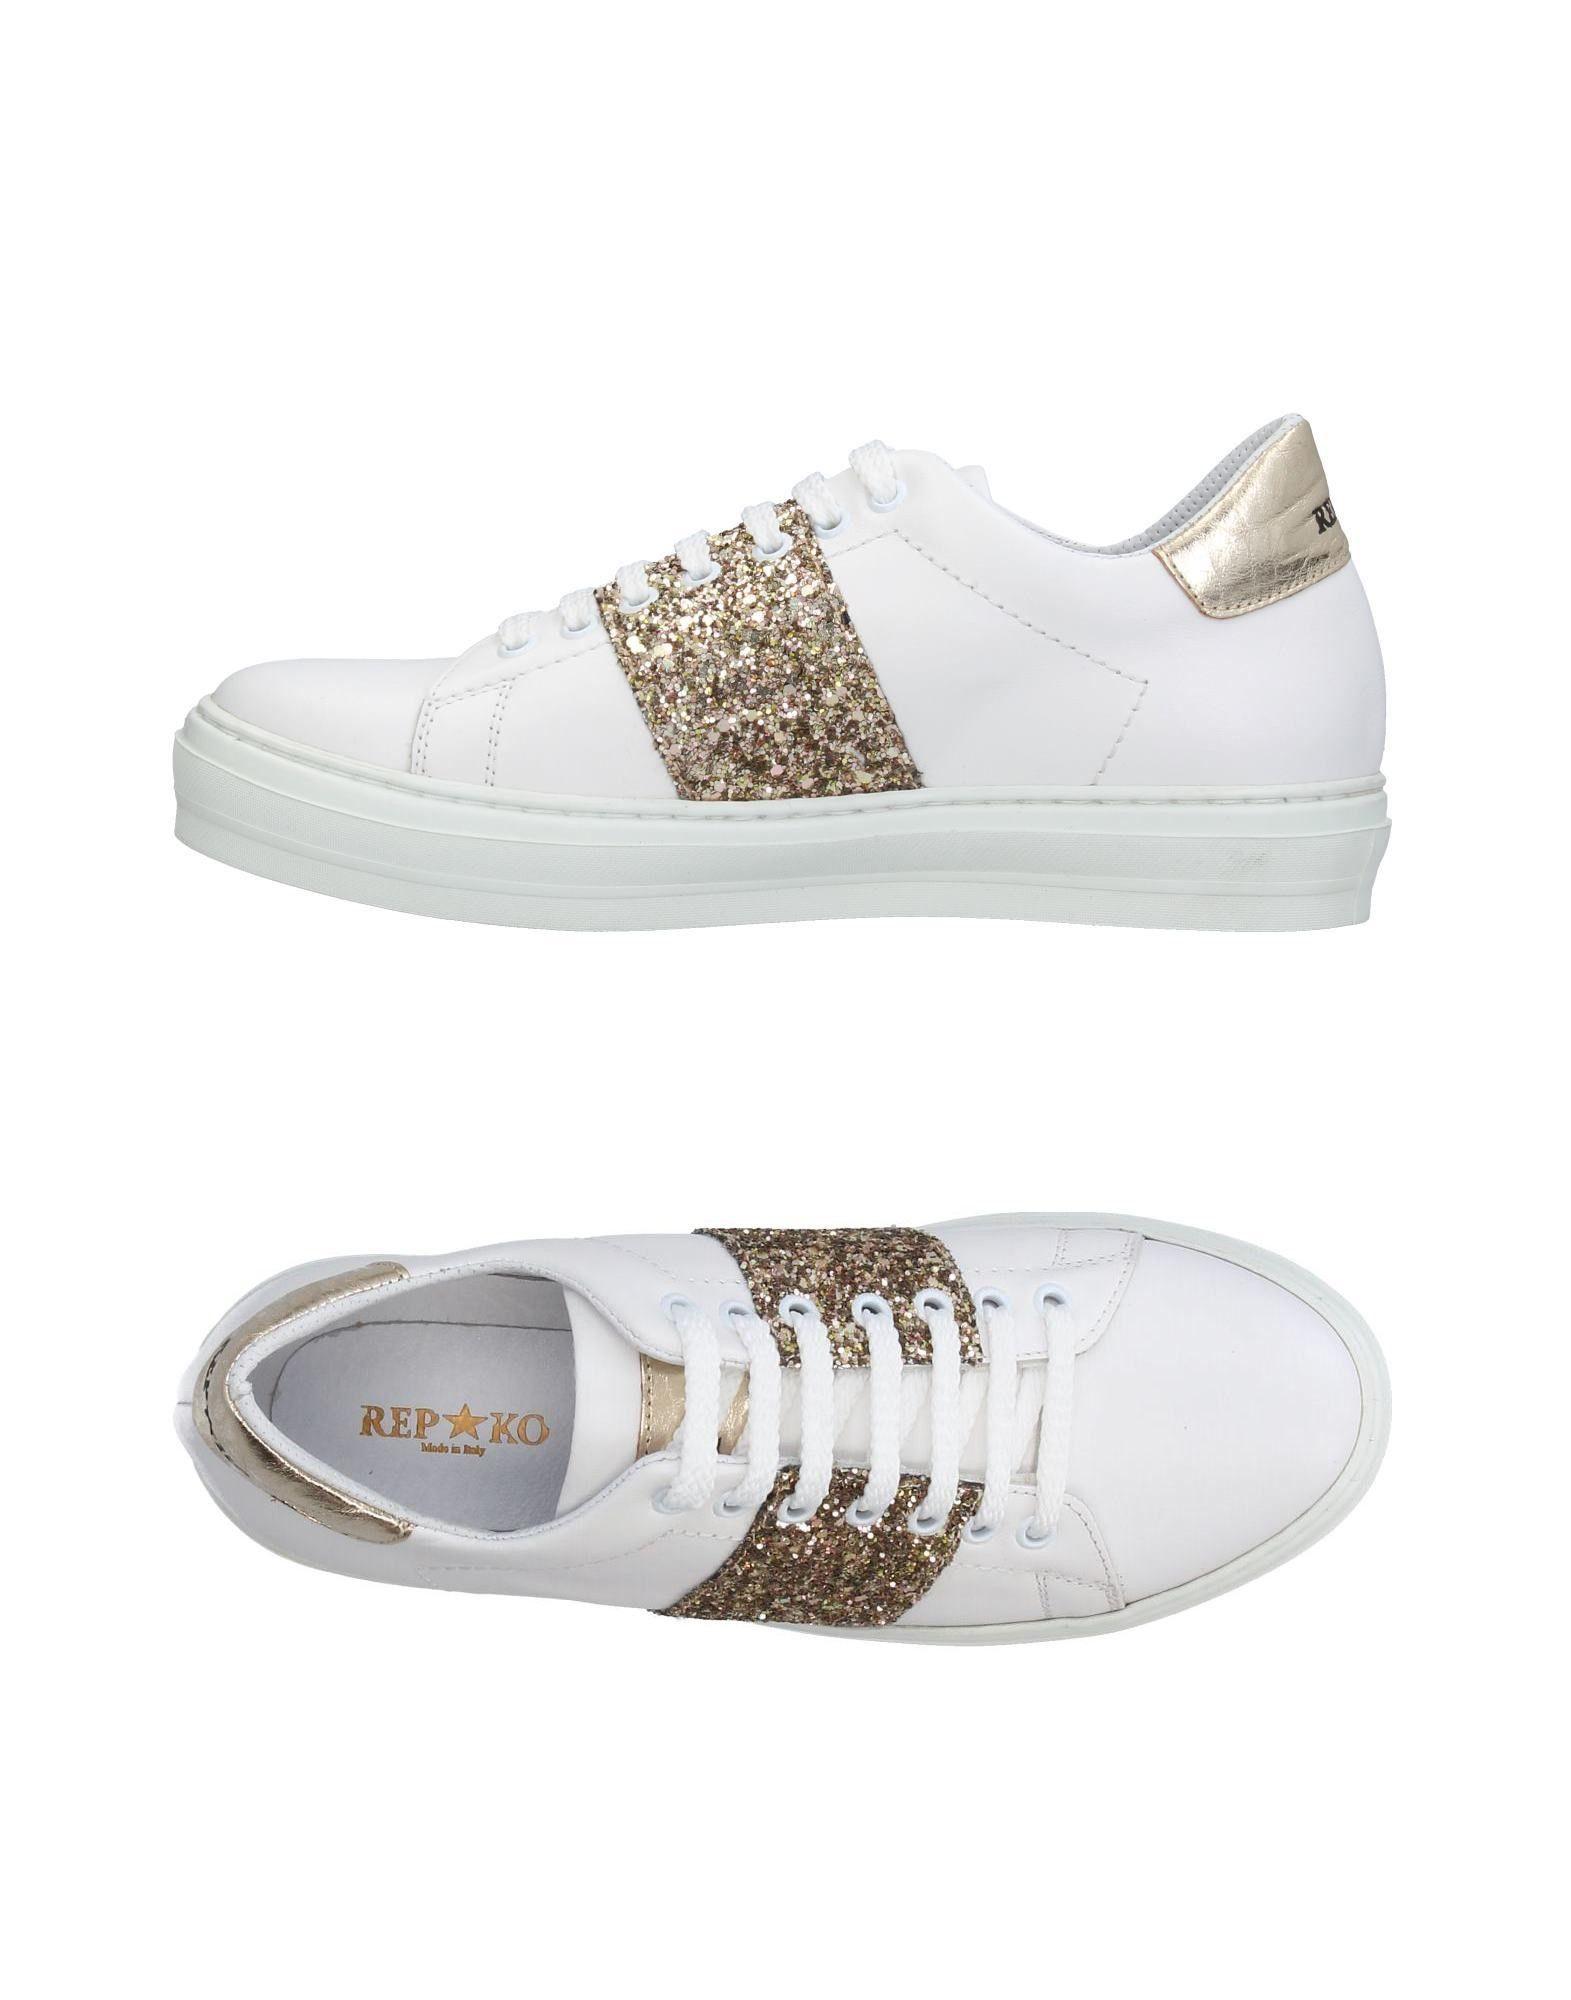 Moda Sneakers Rep★Ko Donna - 11367385FE